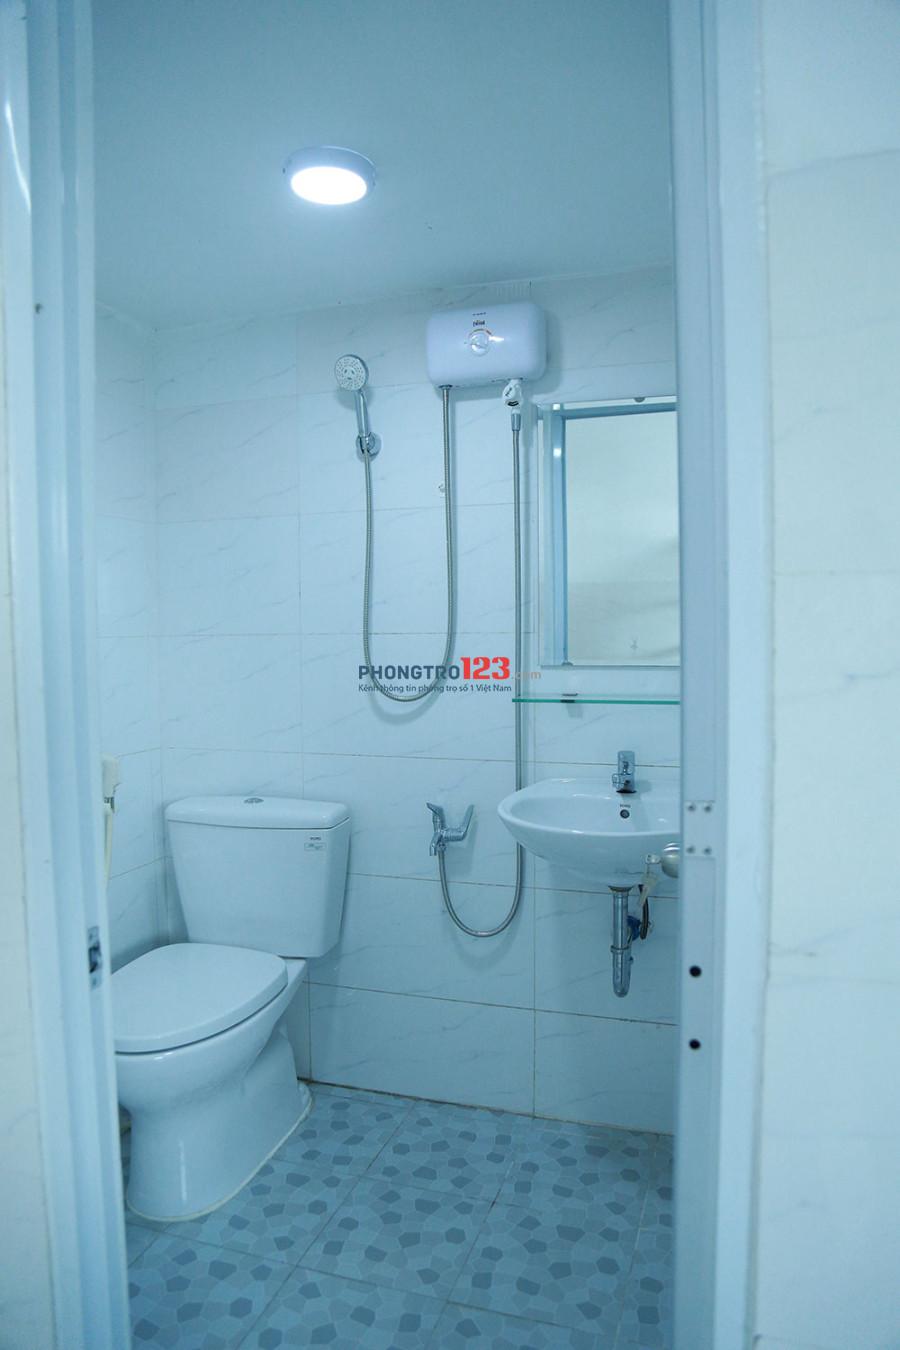 Phòng trọ cao cấp trung tâm Q7 - Bao phí giặt đồ suốt thời gian ở